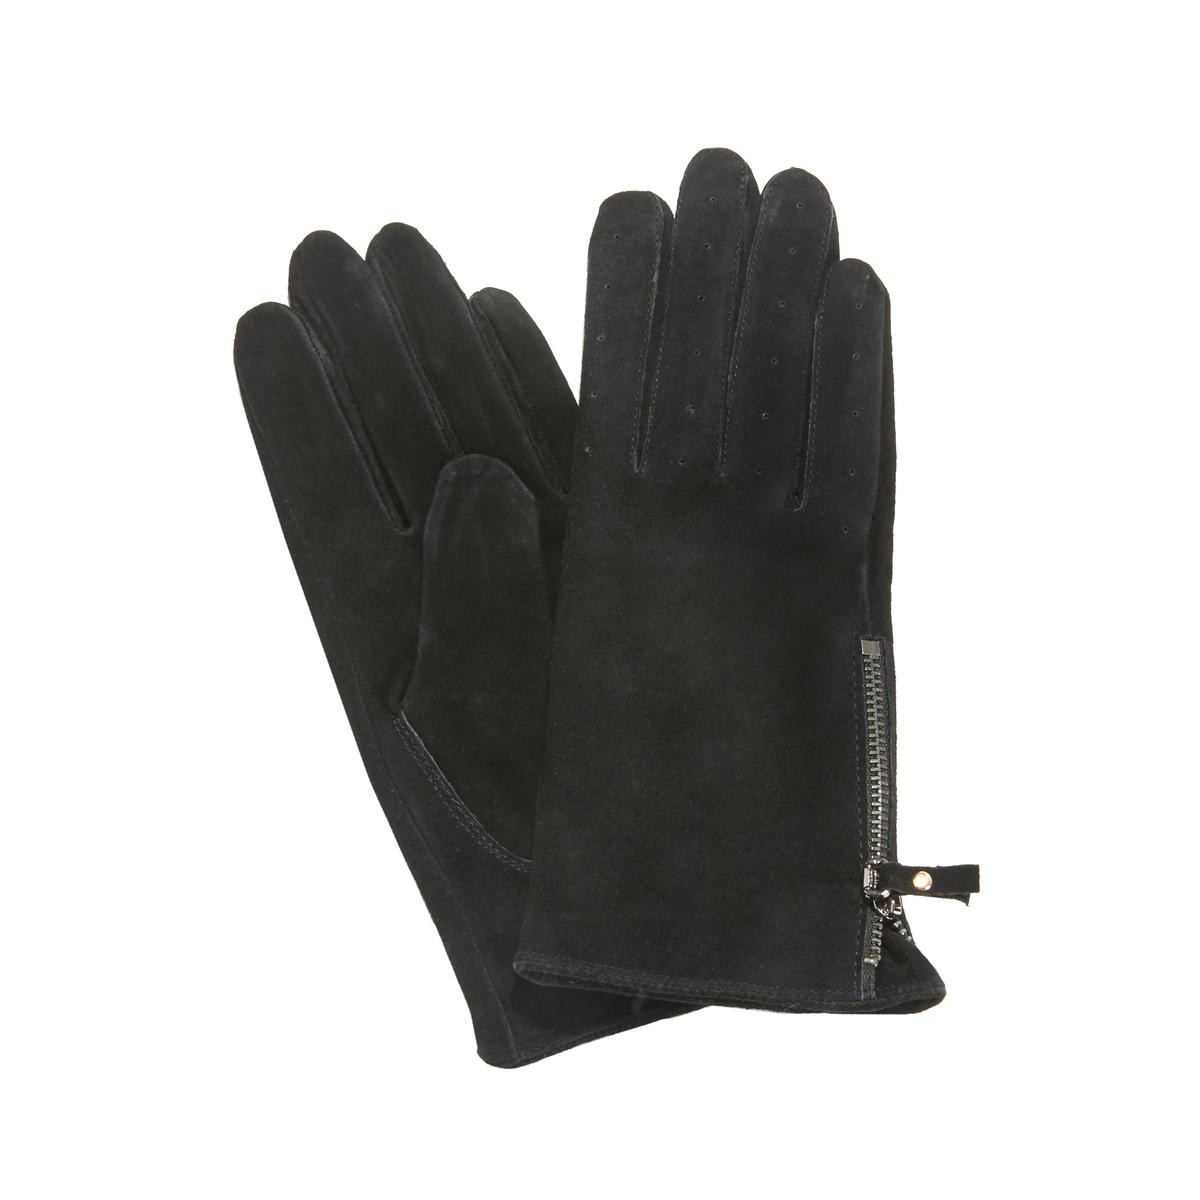 Перчатки La Redoute Кожаные на молнии S черный ботильоны la redoute кожаные на молнии размеры 26 каштановый